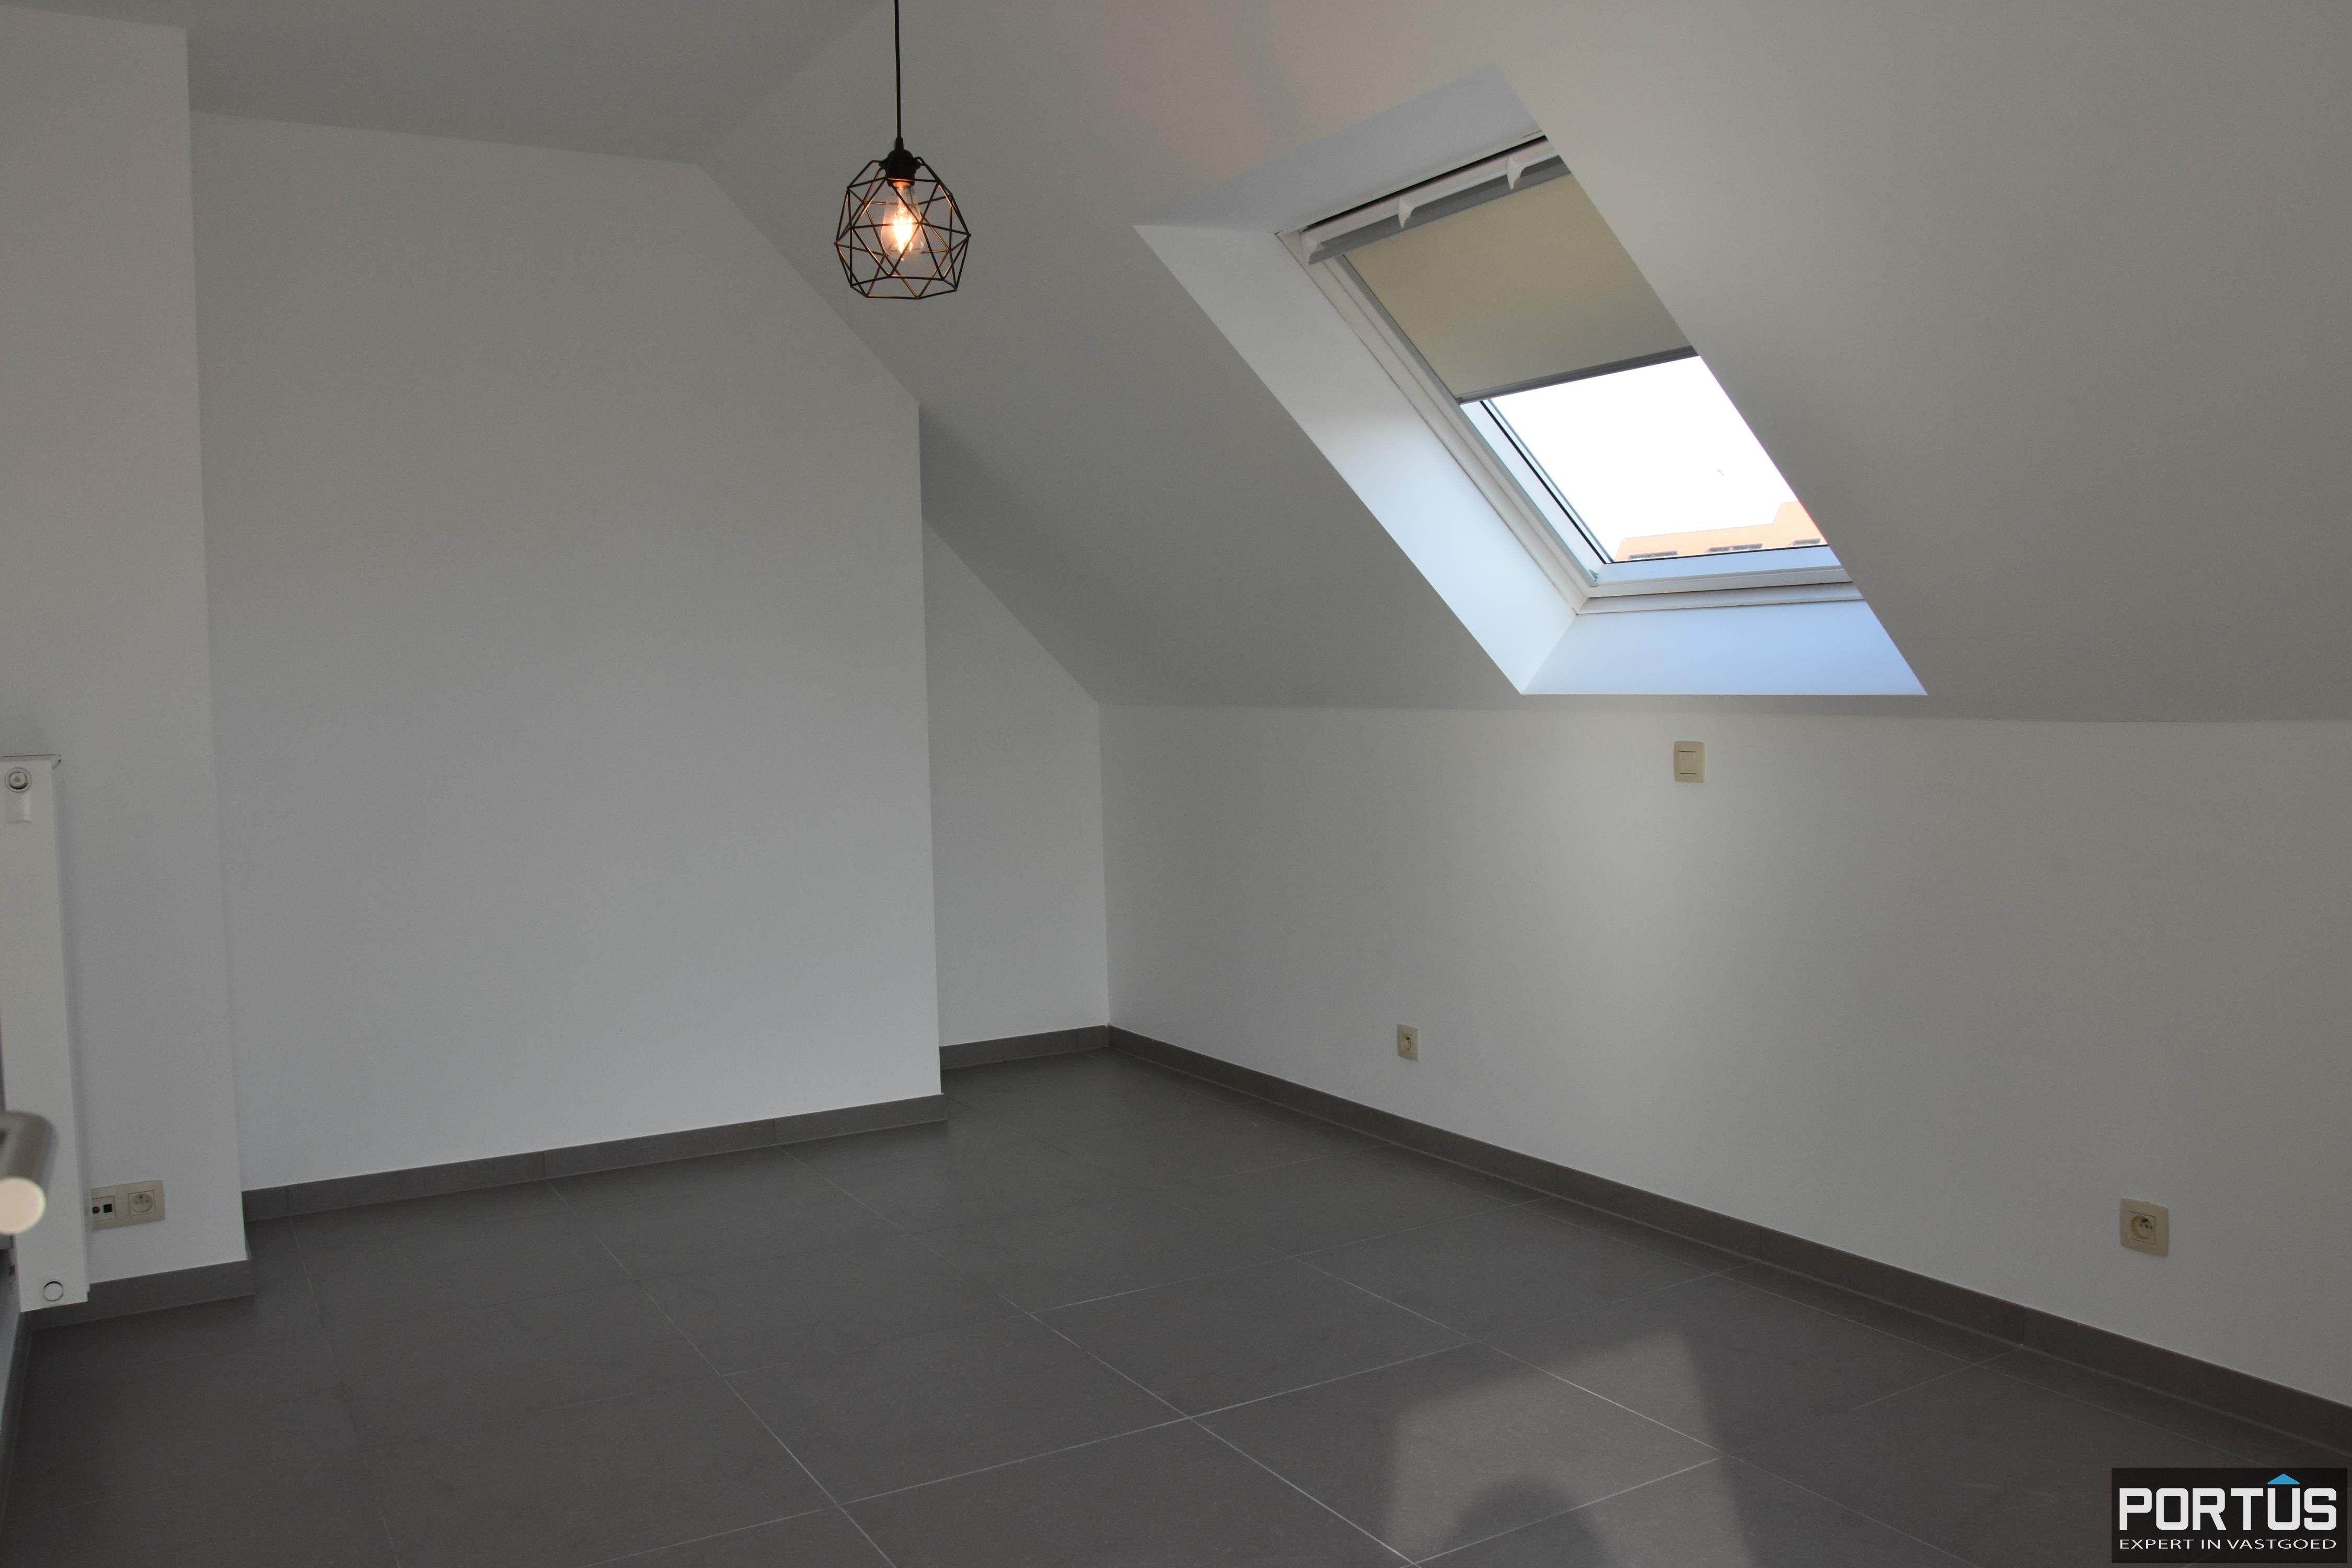 Recent appartement te huur met 3 slaapkamers, kelderberging en parking - 13798